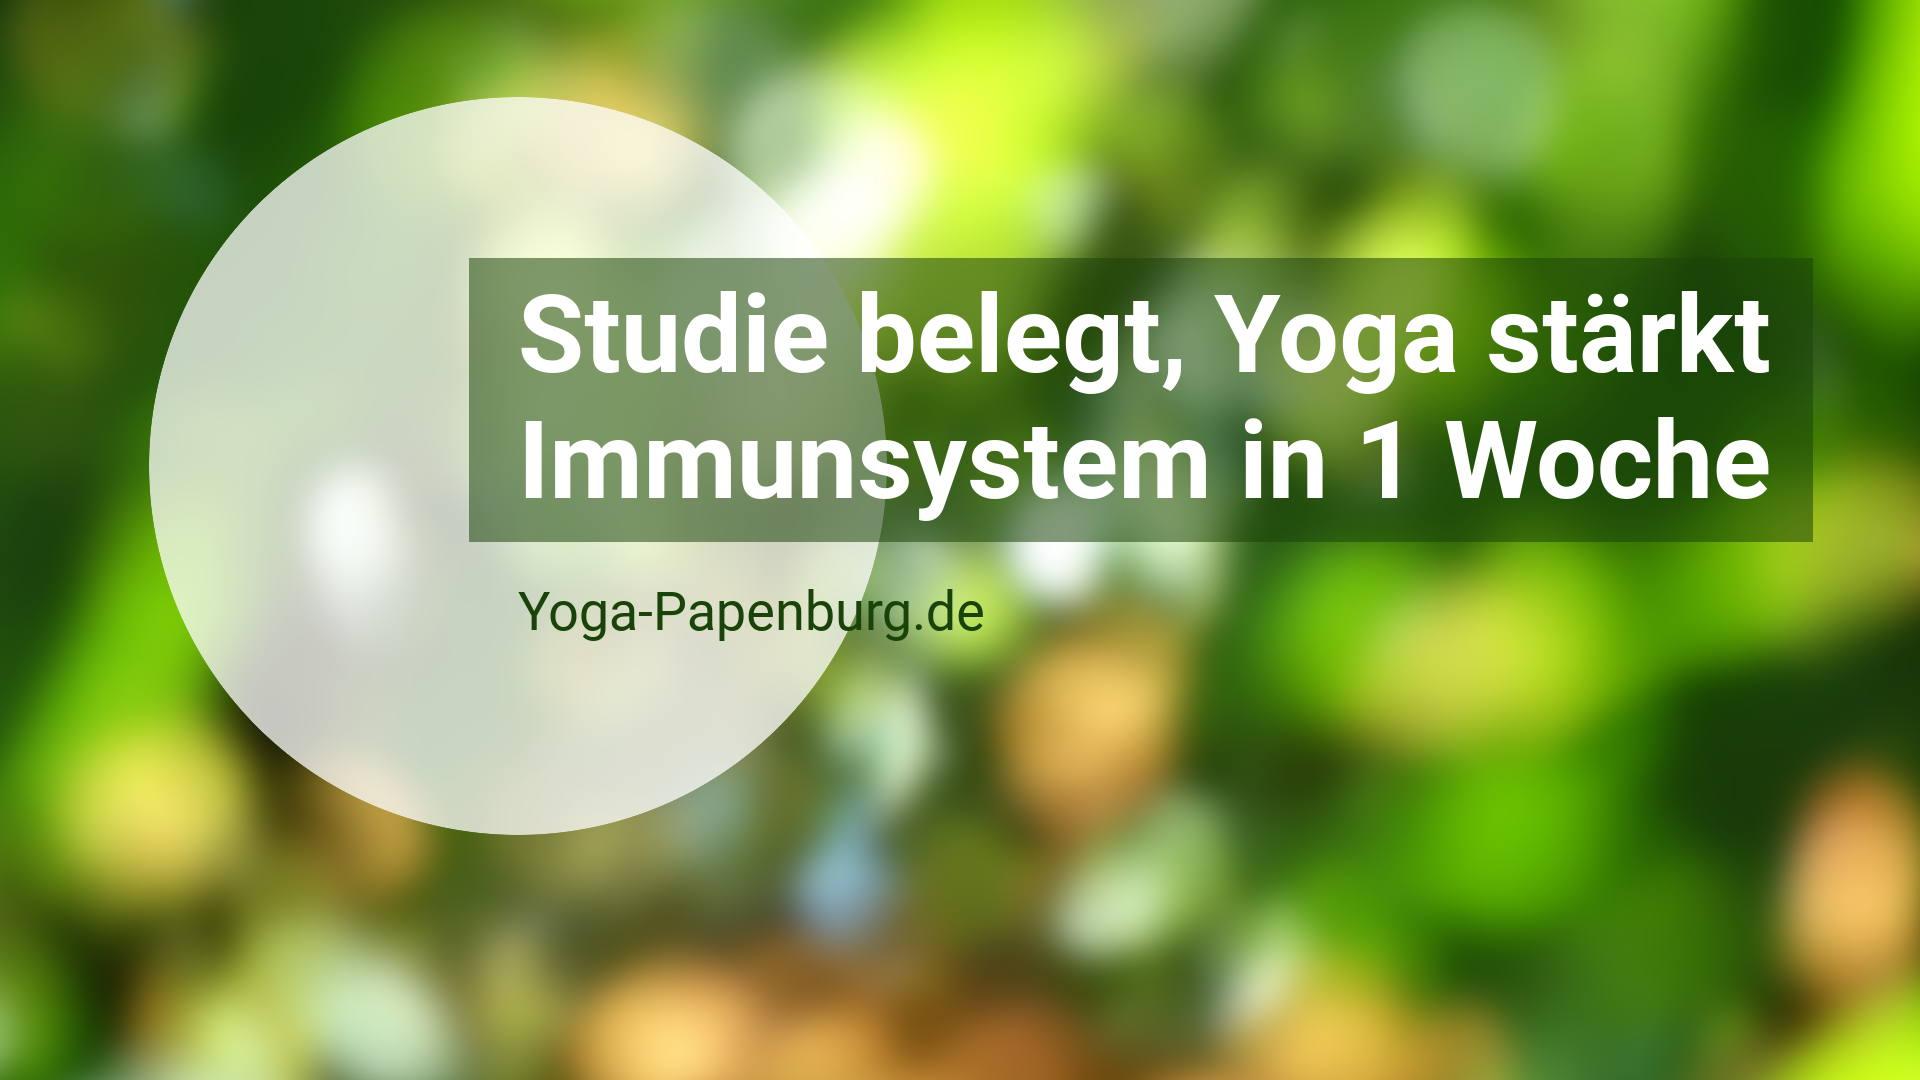 Studie belegt: Yoga stärkt das Immunsystem in 1 Woche